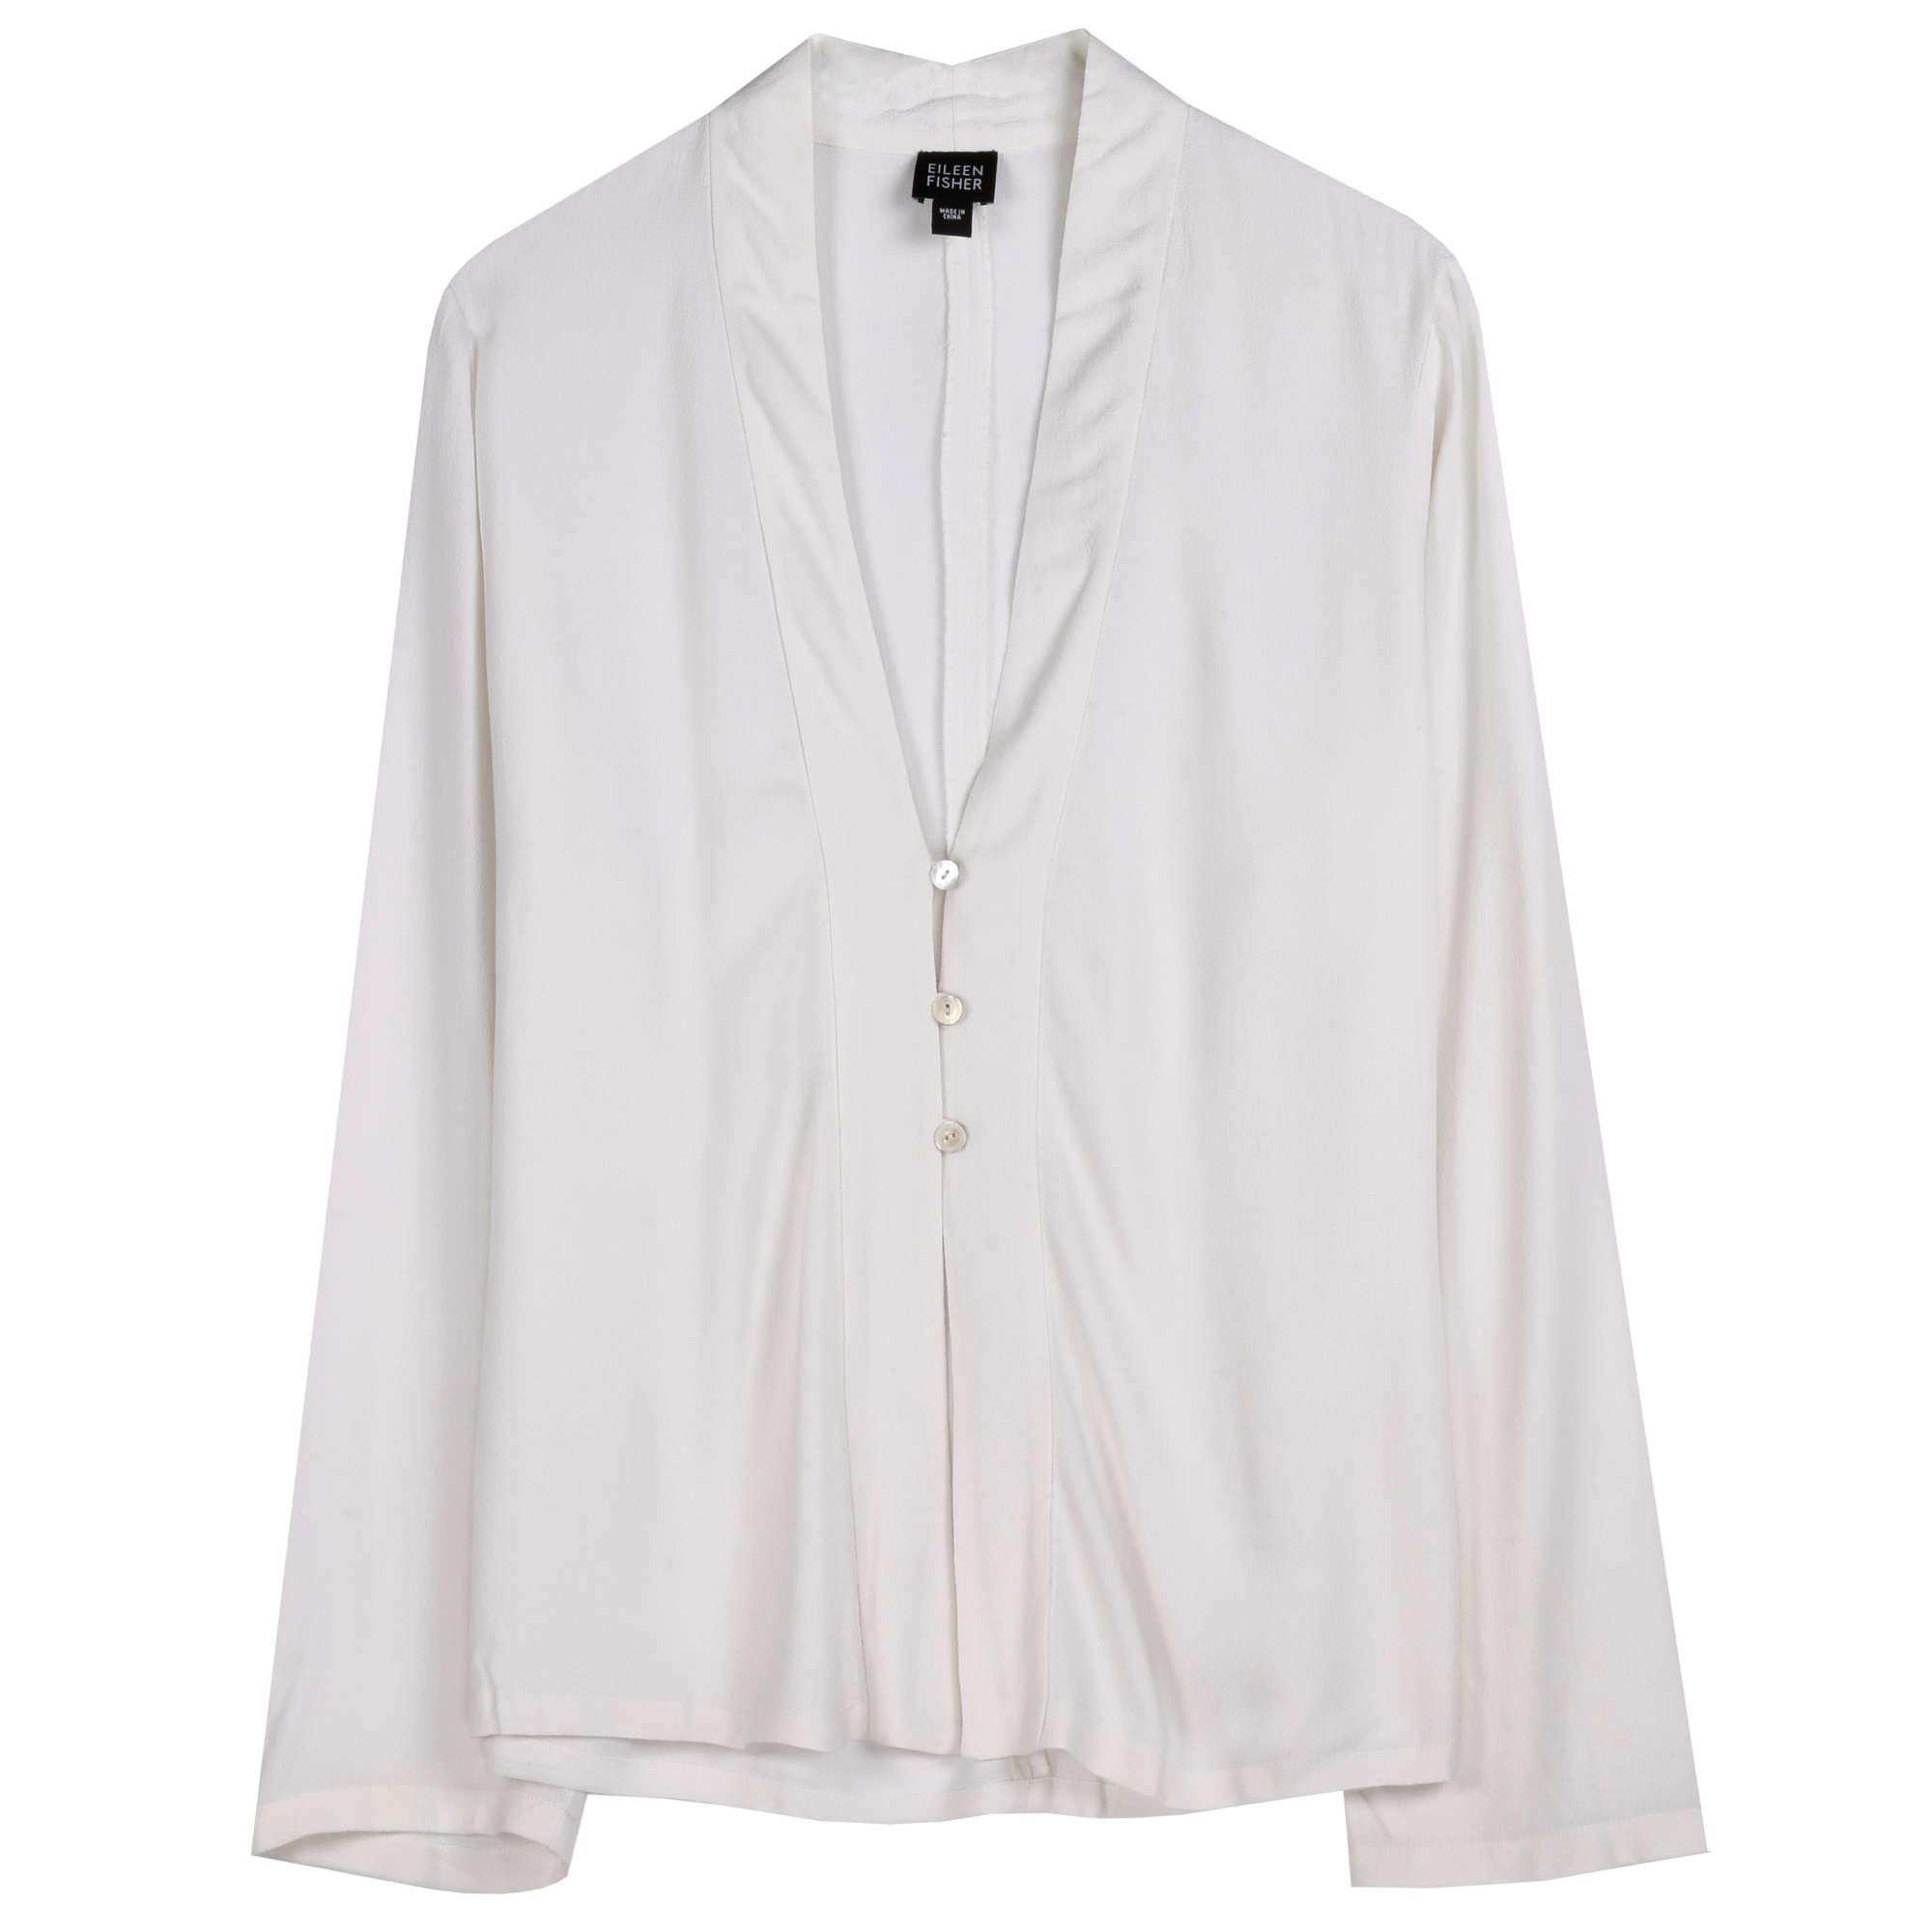 Crinkle Rayon Jacket